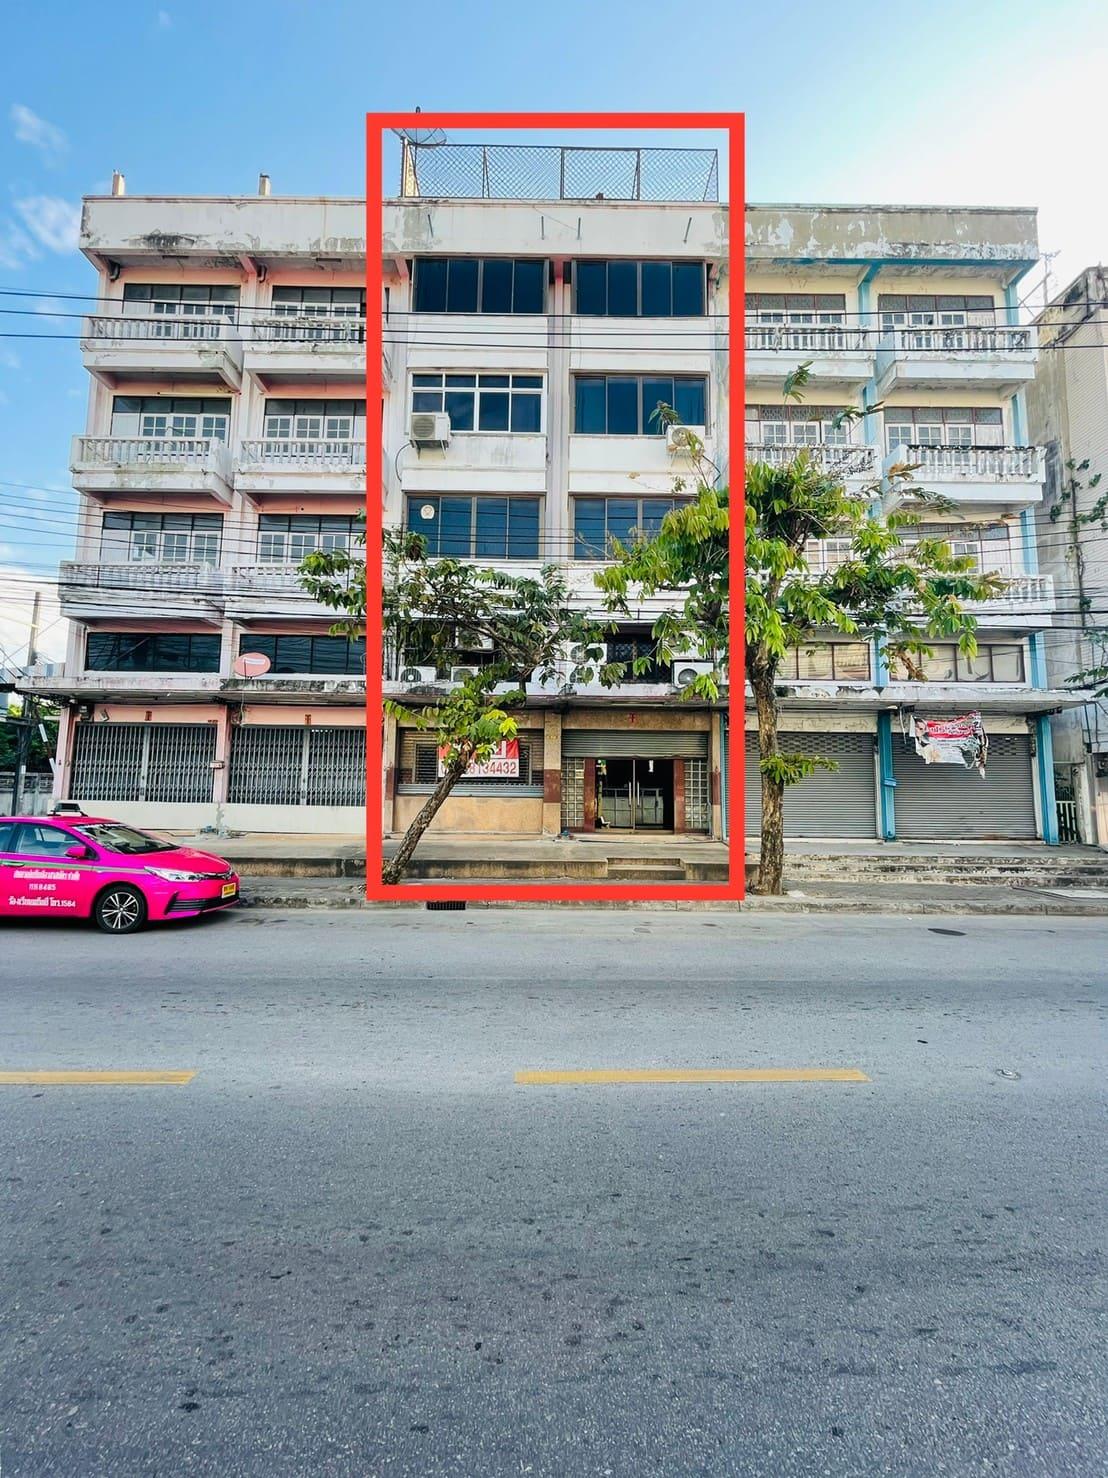 ขายตึกแถวธนบุรี-จอมทอง ติดถนนเมนซอยพระราม2ซอย28-28 ทำเลดีมาก ใกล้จุดขึ้นลง ทางด่วนดาวคะนอง  จอดรถหน้